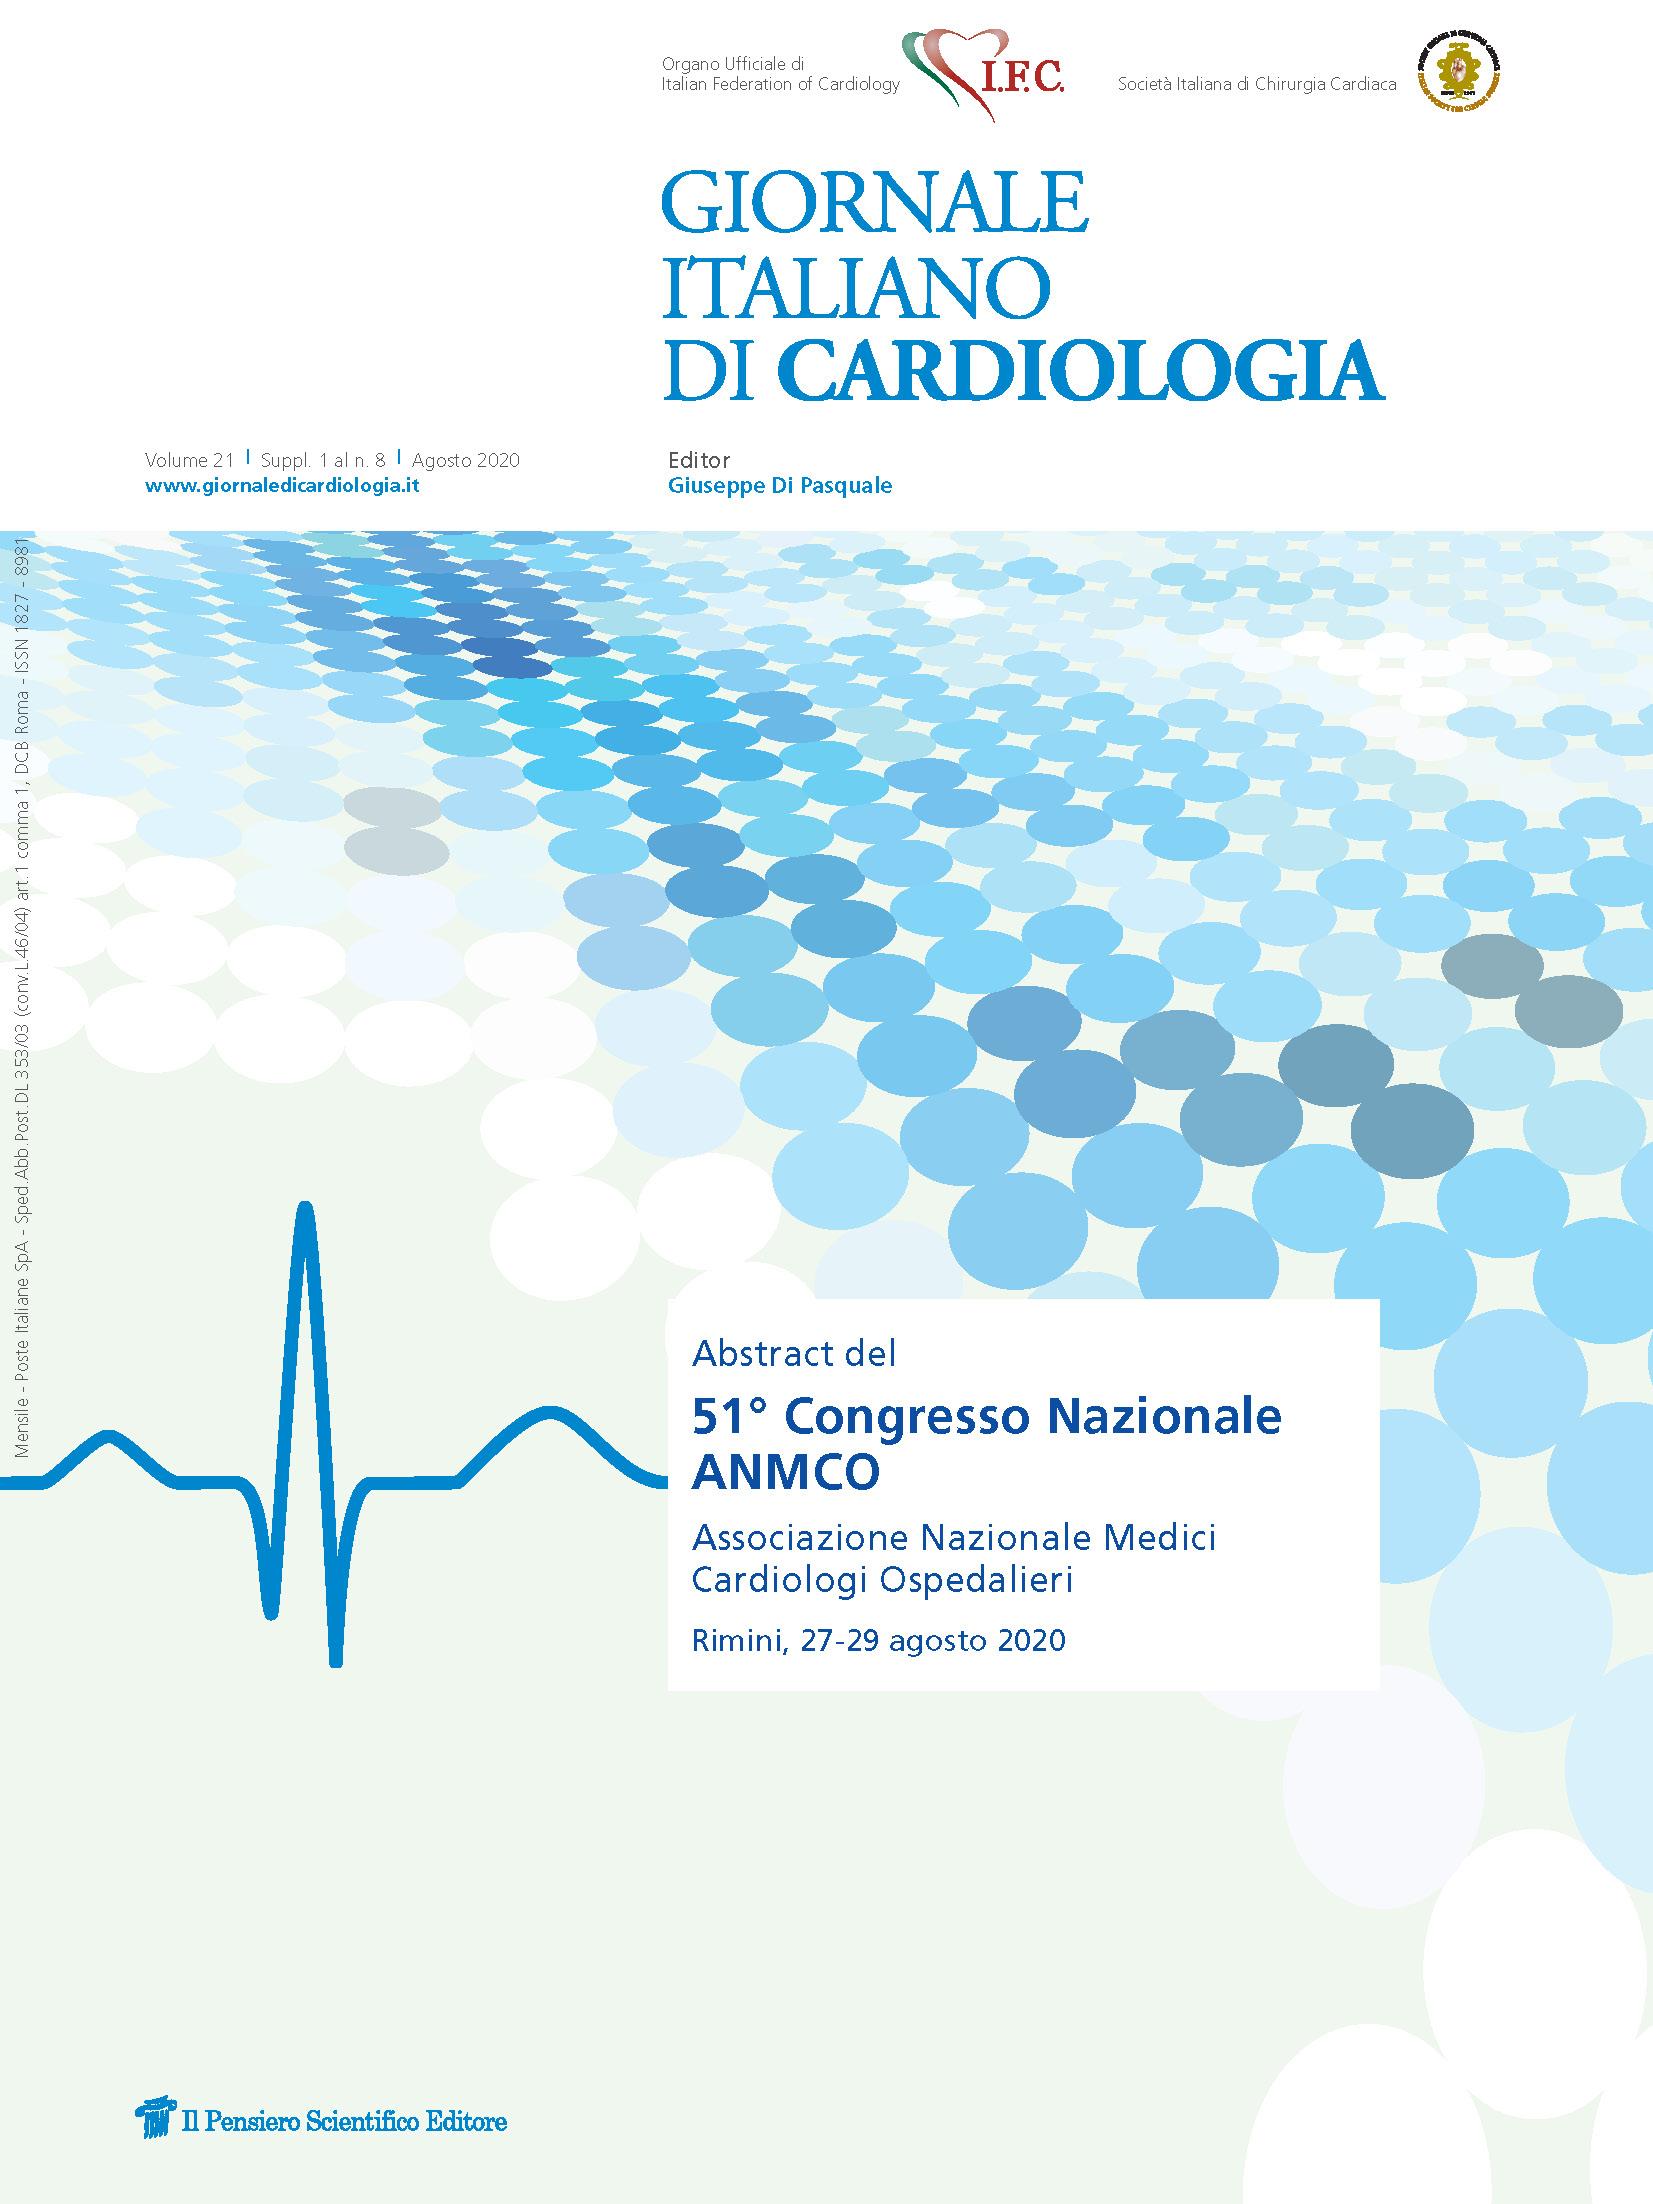 2020 Vol. 21 Suppl. 1 al N. 8 AgostoAbstract del 51° Congresso Nazionale ANMCO